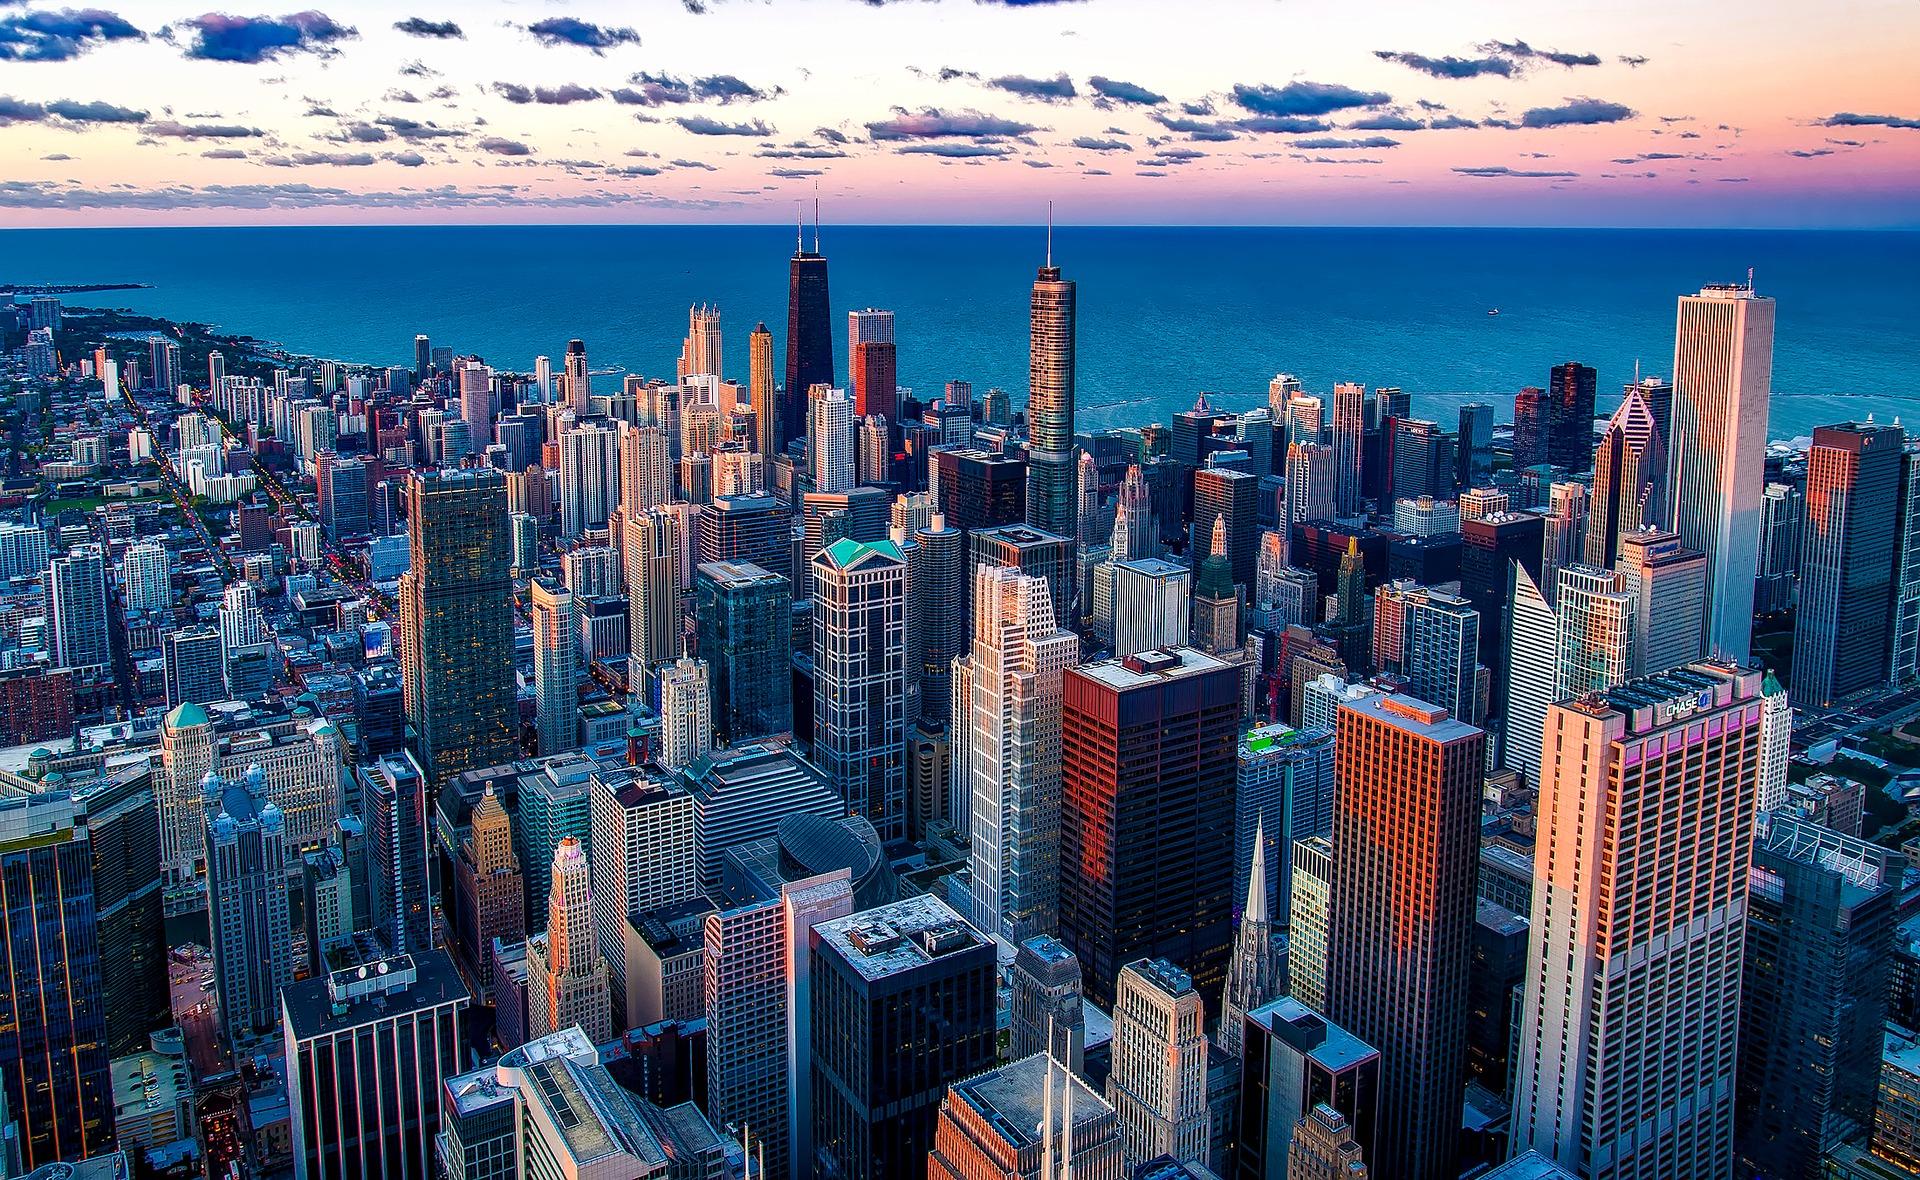 Una foto de Chicago... ¿Quién es de Chicago? ( Pista : Es una persona famosa...)